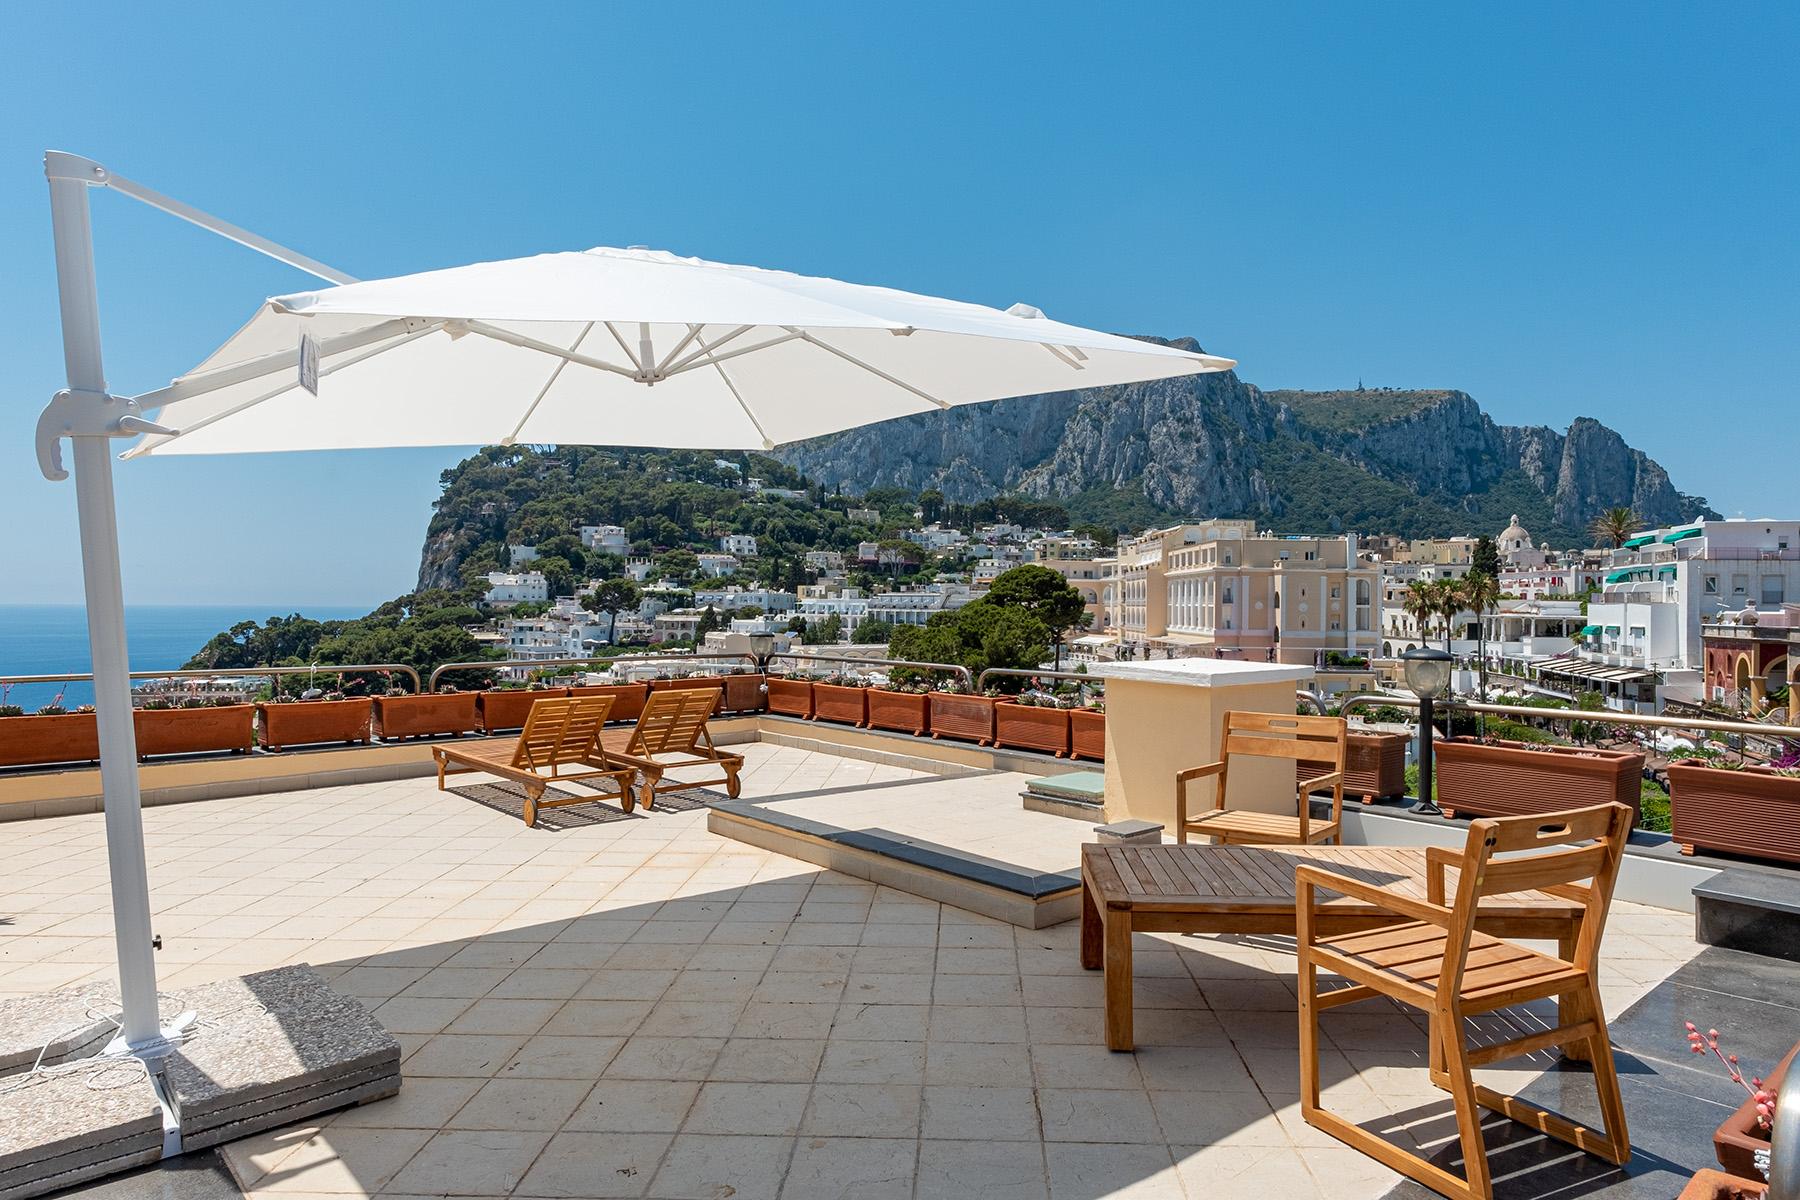 Attico in Vendita a Capri via camerelle